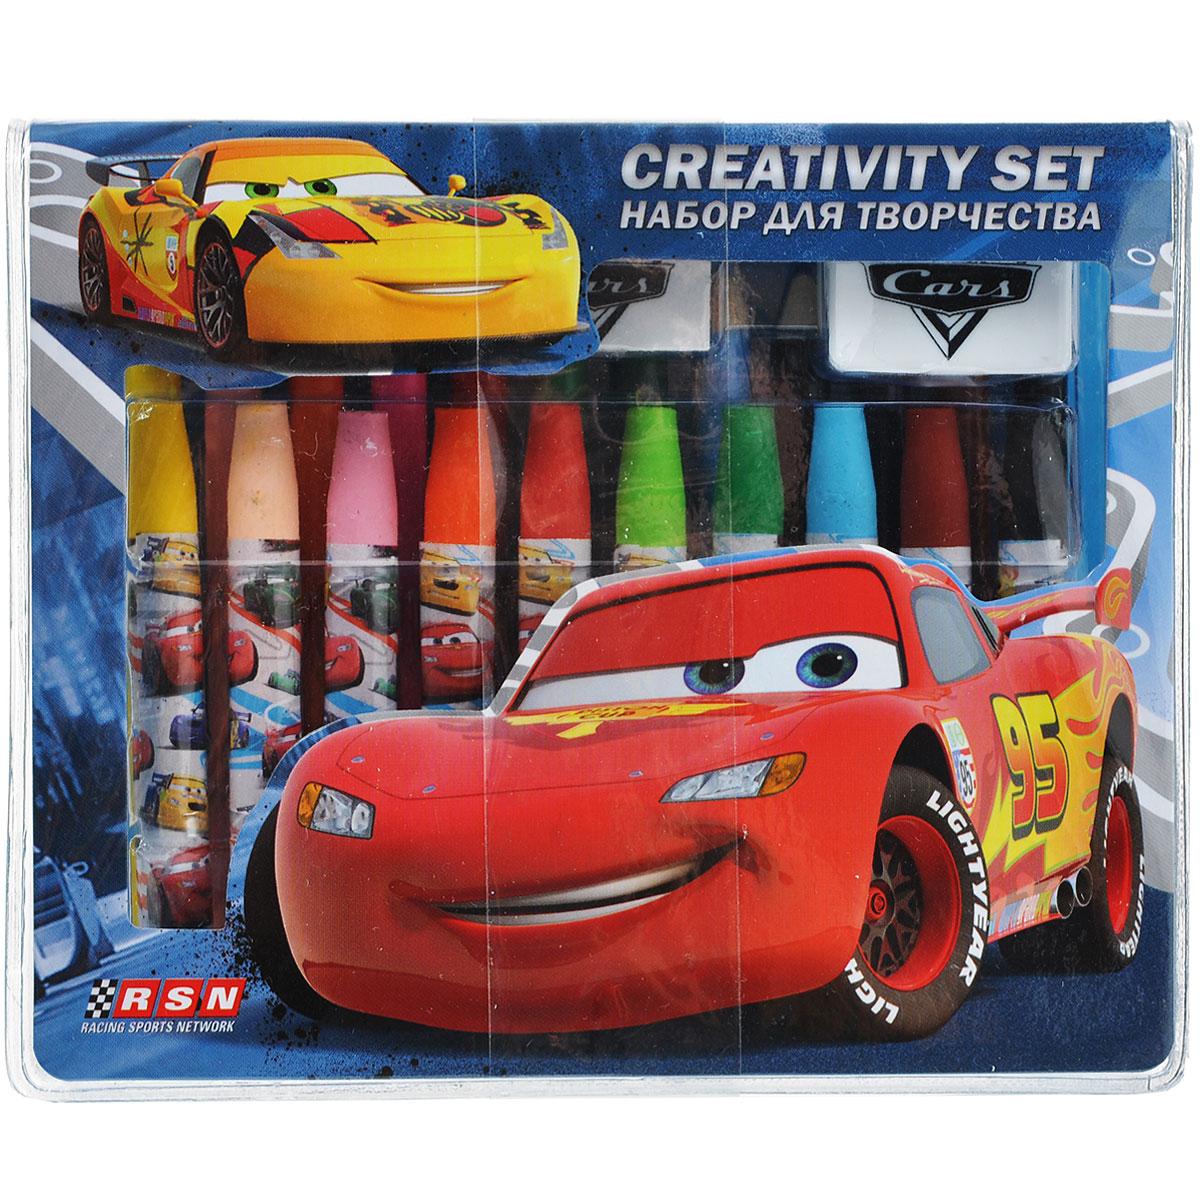 Набор для рисования Cars, 25 предметовCRAA-US1-460199Набор для рисования Cars позволит вашему ребенку проявить свои творческие способности. Он включает в себя цветные карандаши двенадцати цветов, восковые мелки десяти цветов, точилку, ластик и стикер. Каждый мелок обернут в бумажную гильзу с изображением персонажей популярного мультфильма Тачки (Cars). Набор откроет юным художникам новые горизонты для творчества, а также поможет развить мелкую моторику рук, цветовое восприятие, фантазию и воображение.